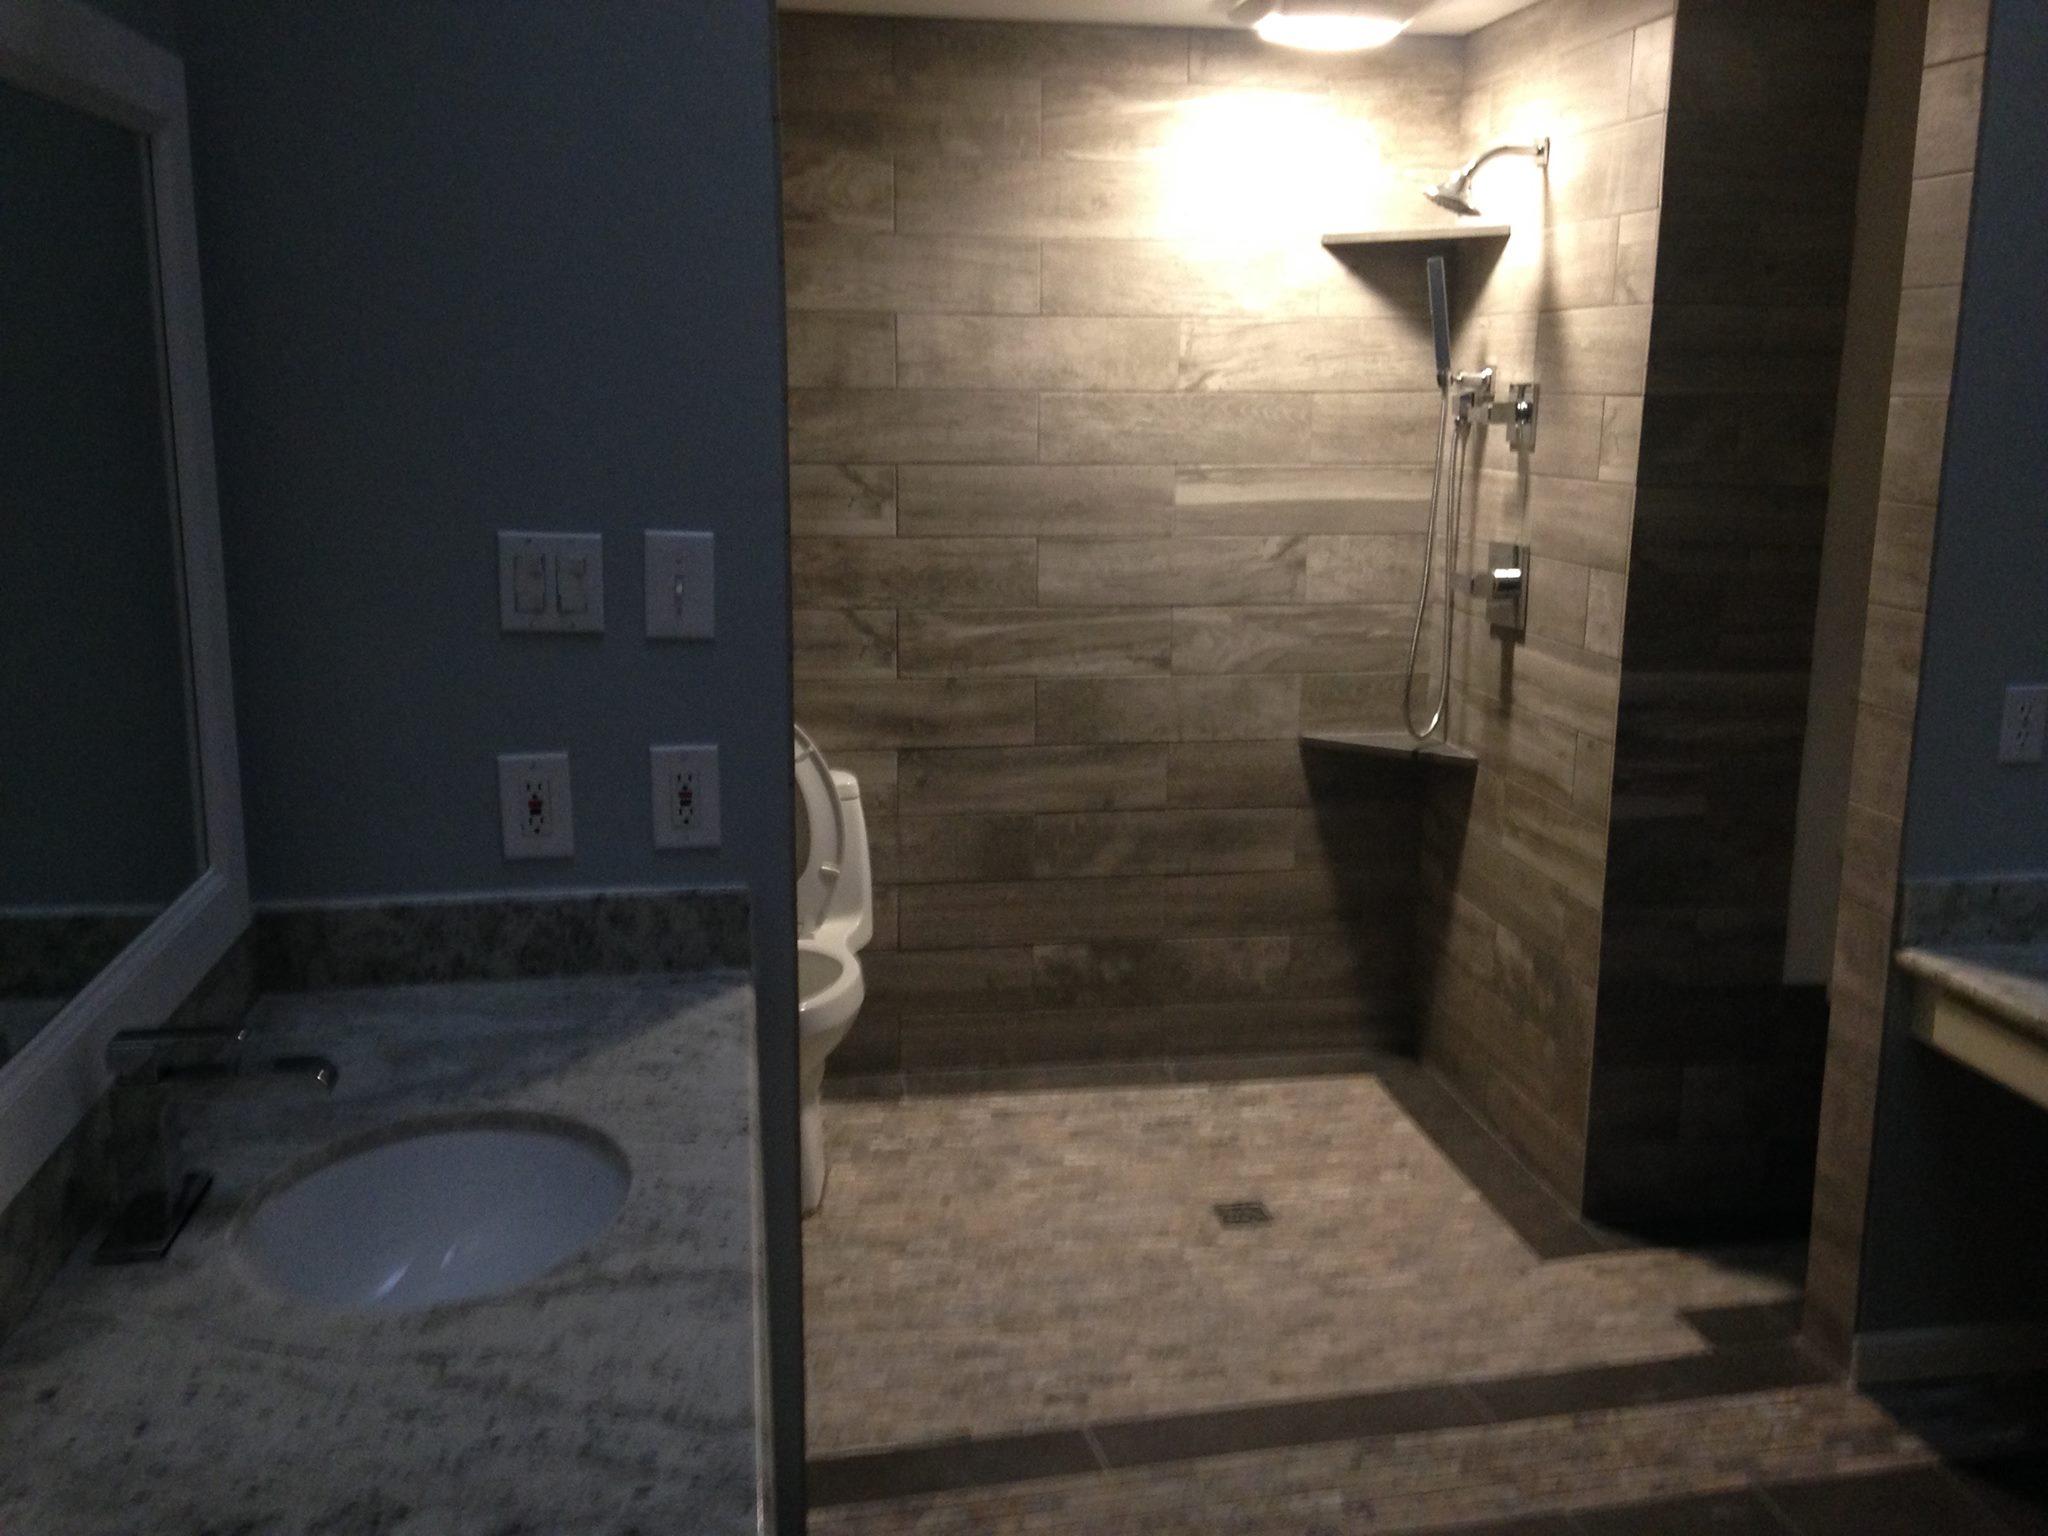 Sugar land bathroom remodeling contractor toilet in - Bathroom remodeling sugar land tx ...